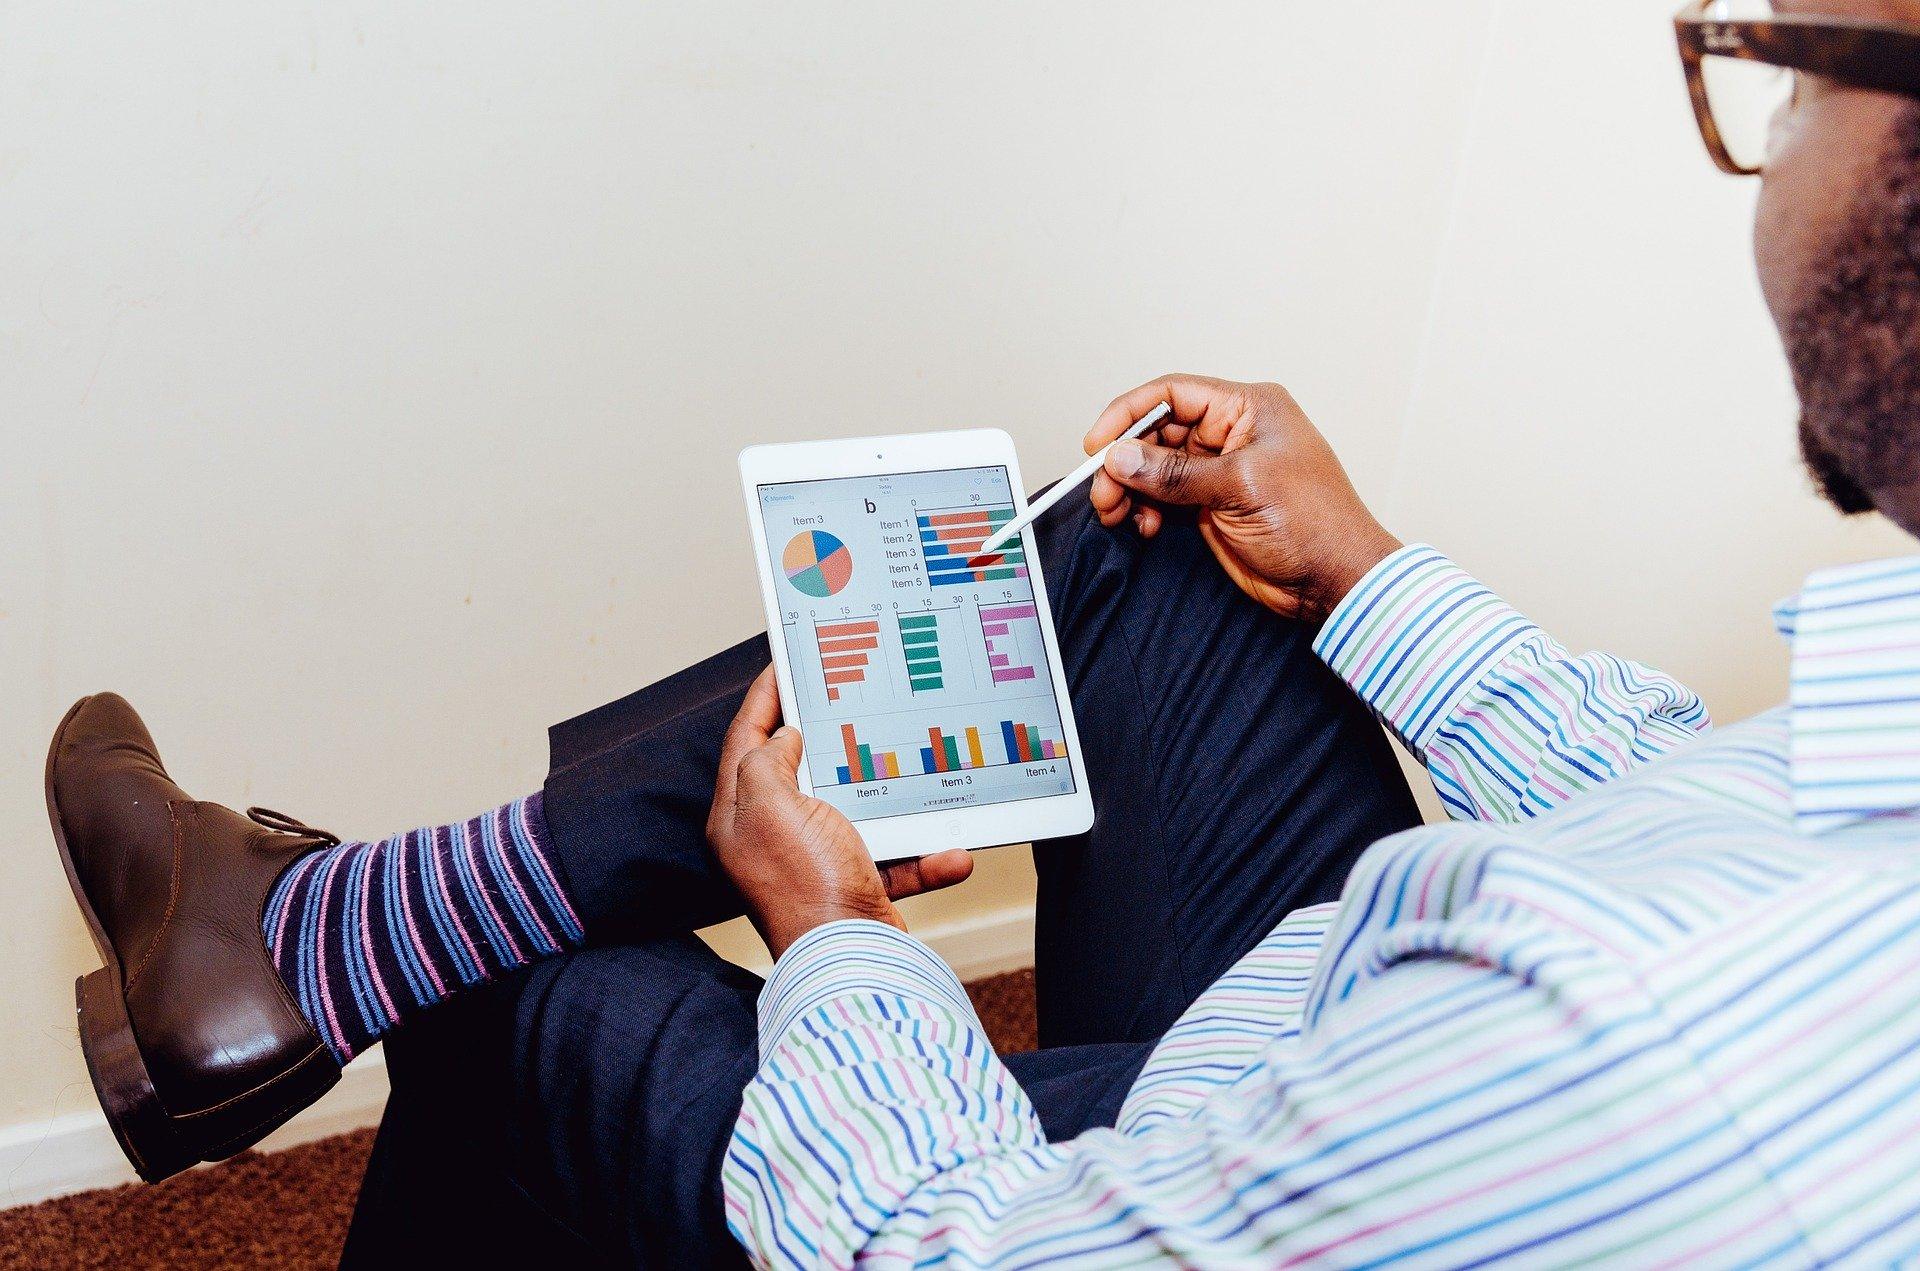 Mann zeigt mit Stift auf Tablet mit Diagrammen